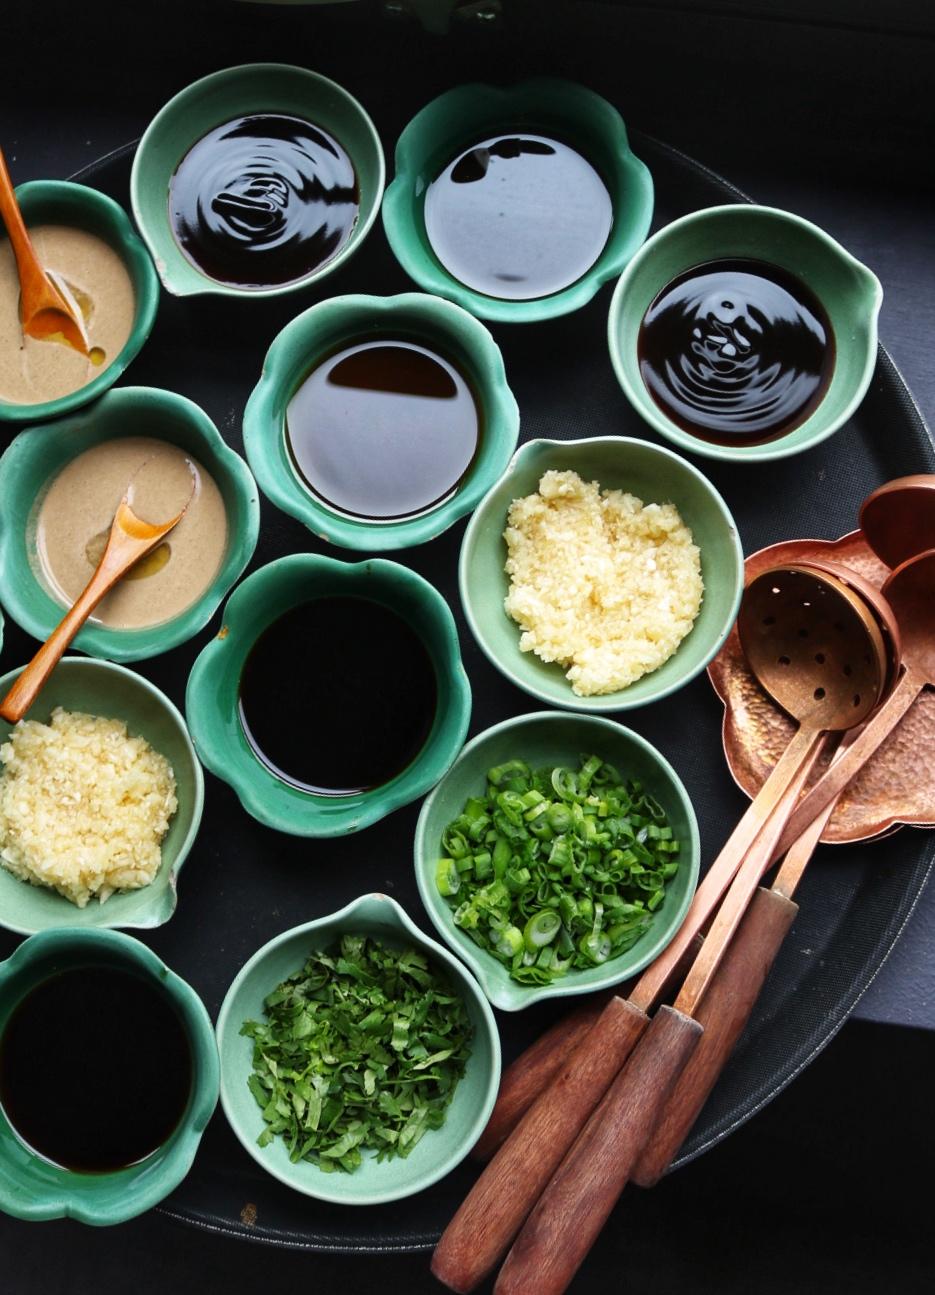 Tang Hot Pot sauces